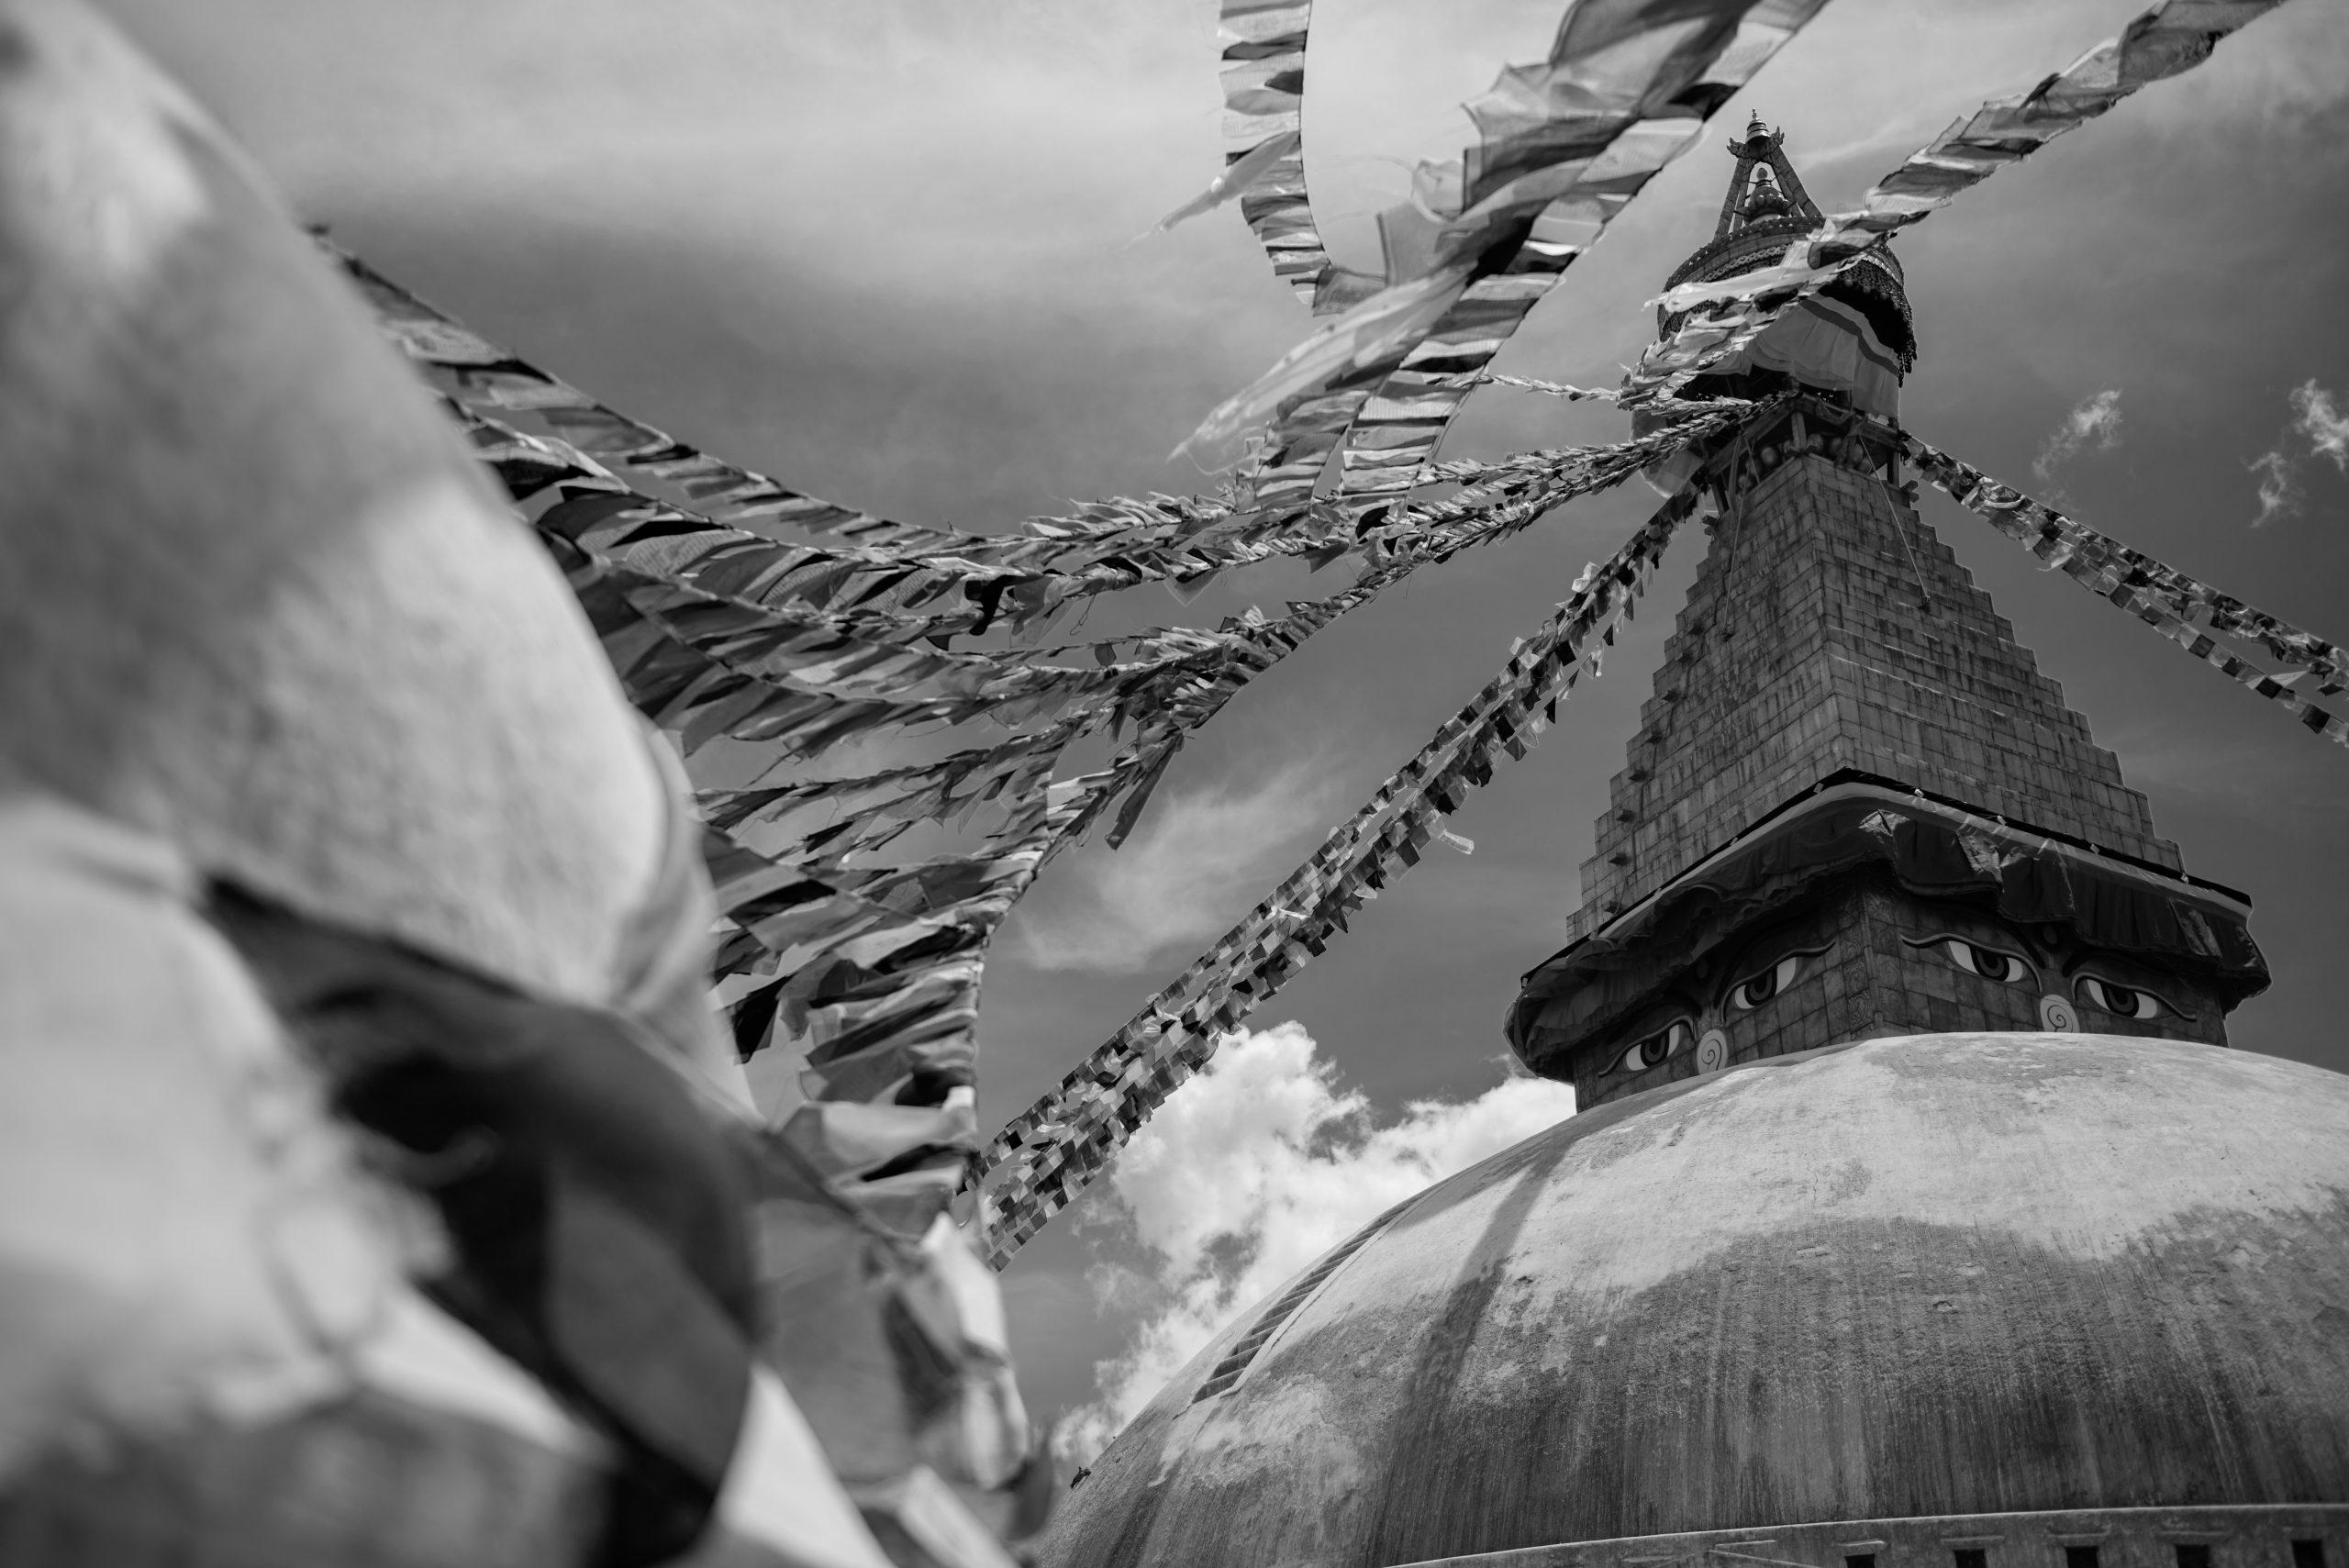 Spiritual Kathmandu, Budnath Stupa